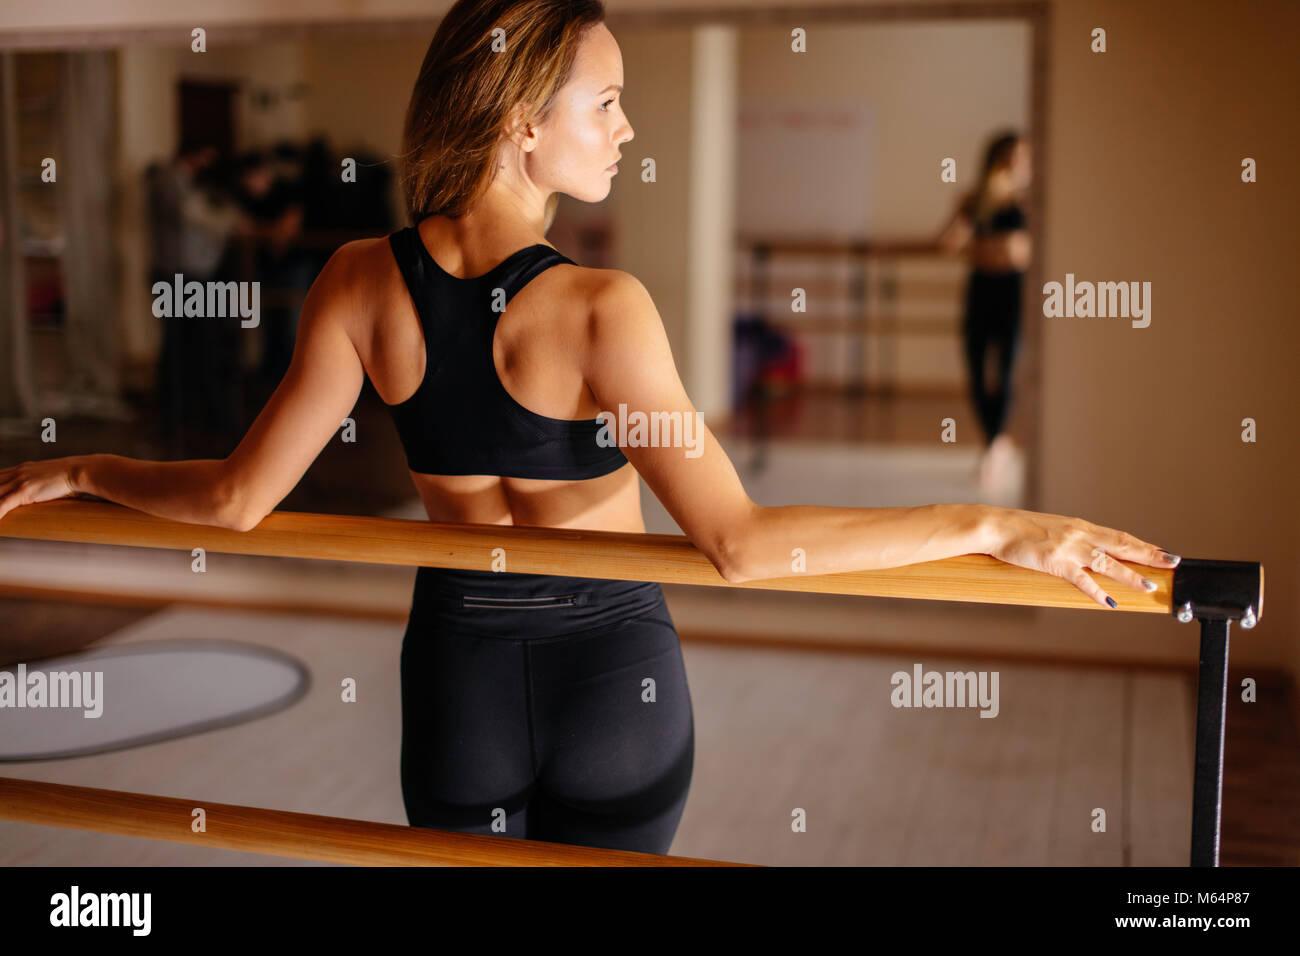 Mujer bailarina posando cerca de barre en estudio de ballet. Imagen De Stock